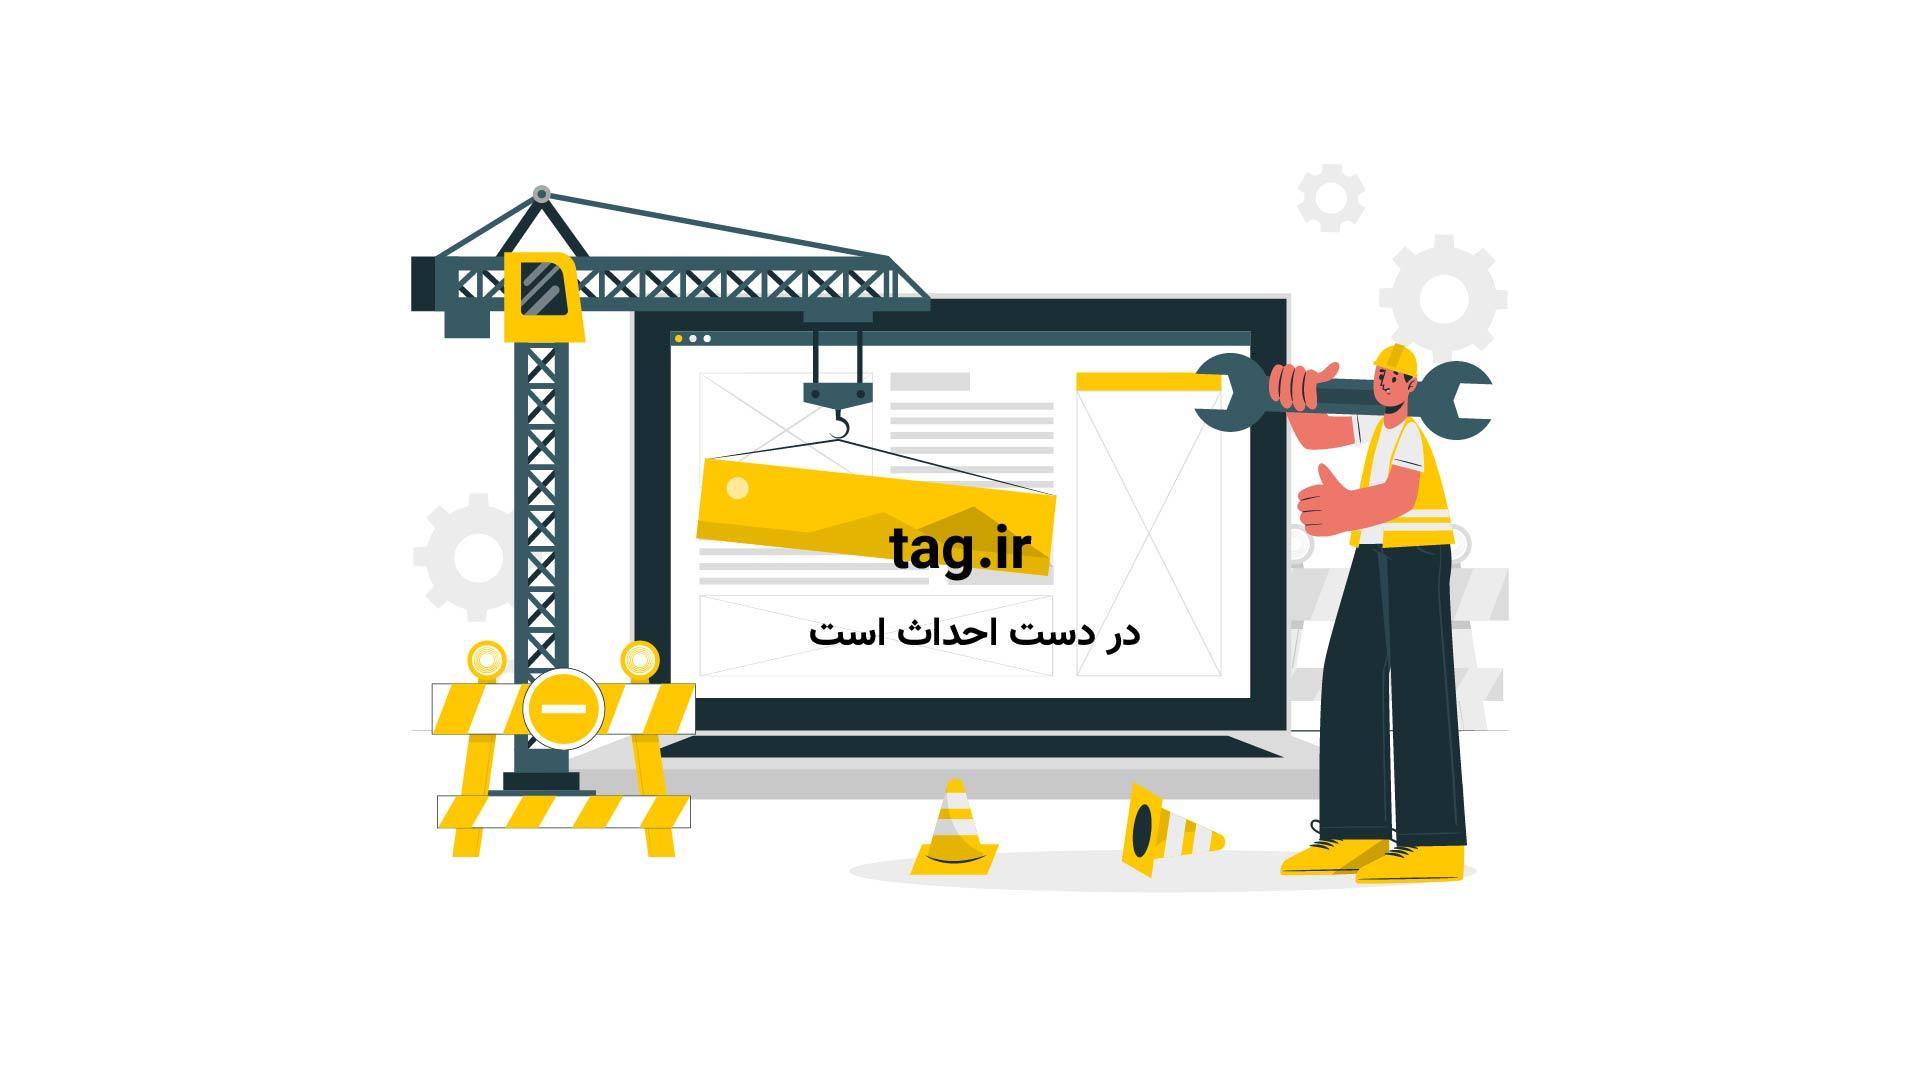 نقاشی با شن انواع خطوط | تگ